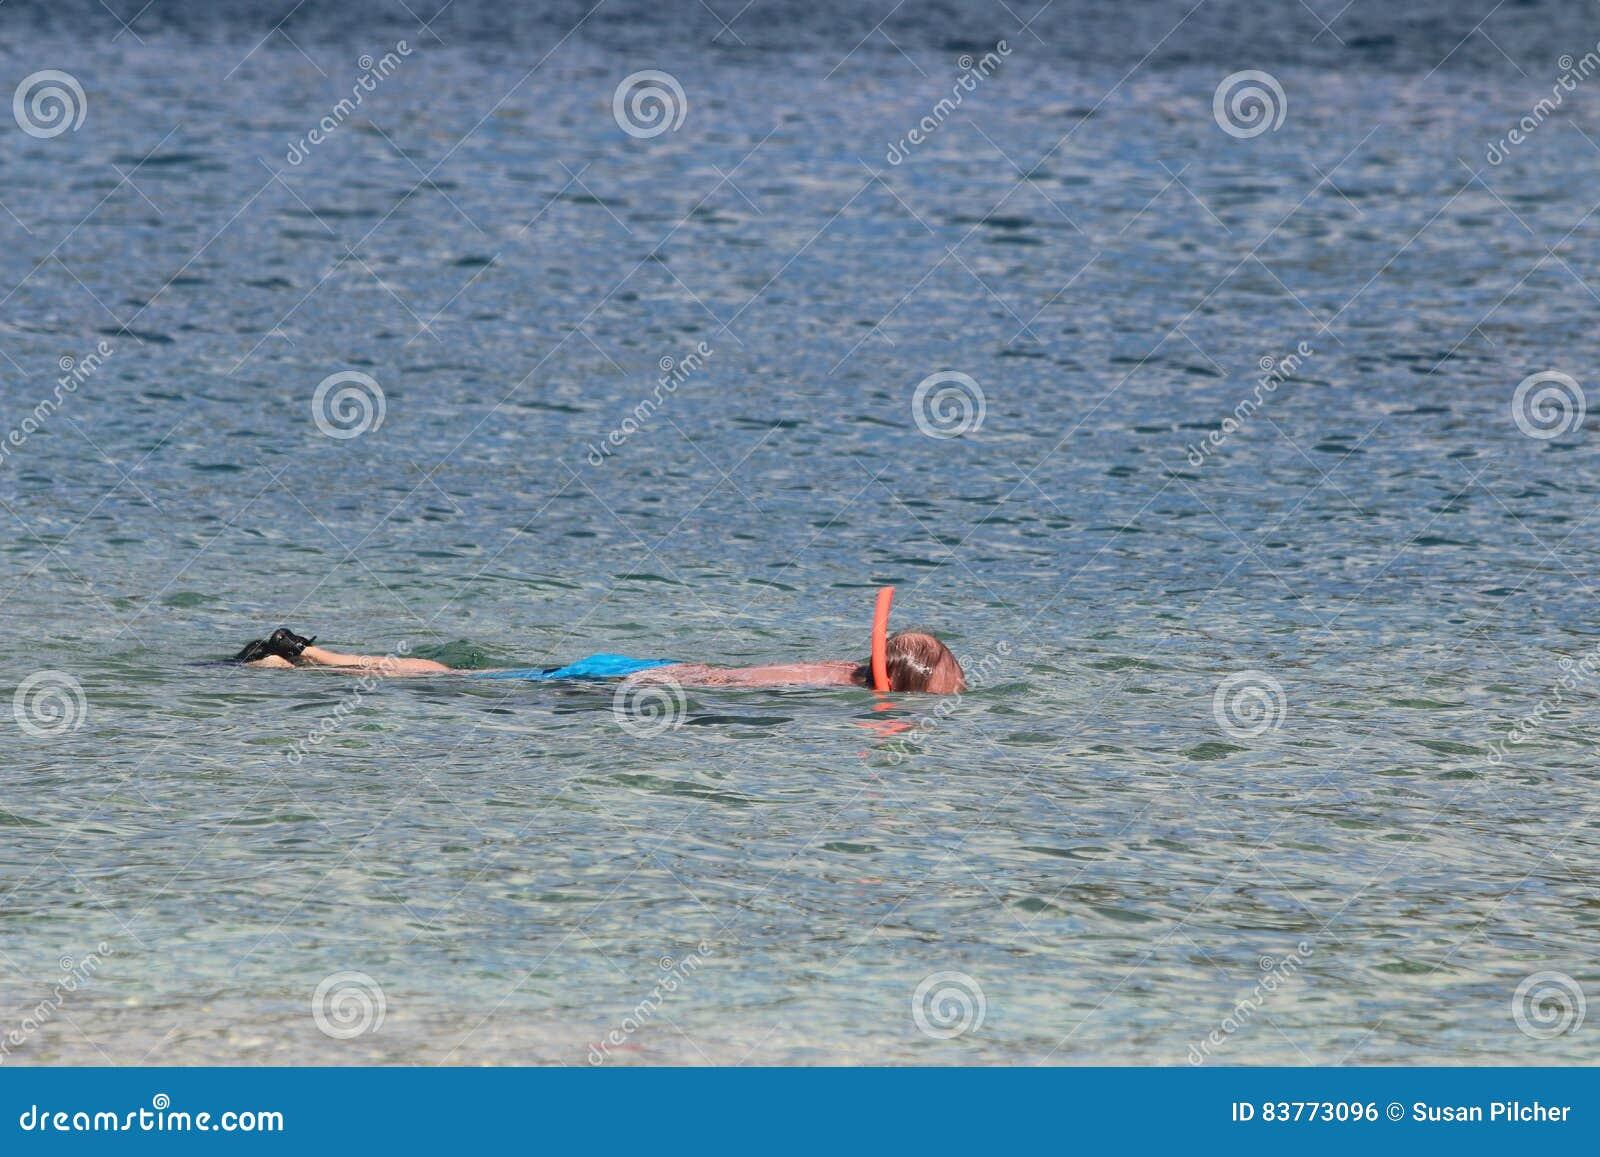 Mens die in overzees snorkelen die blauwe borrels dragen